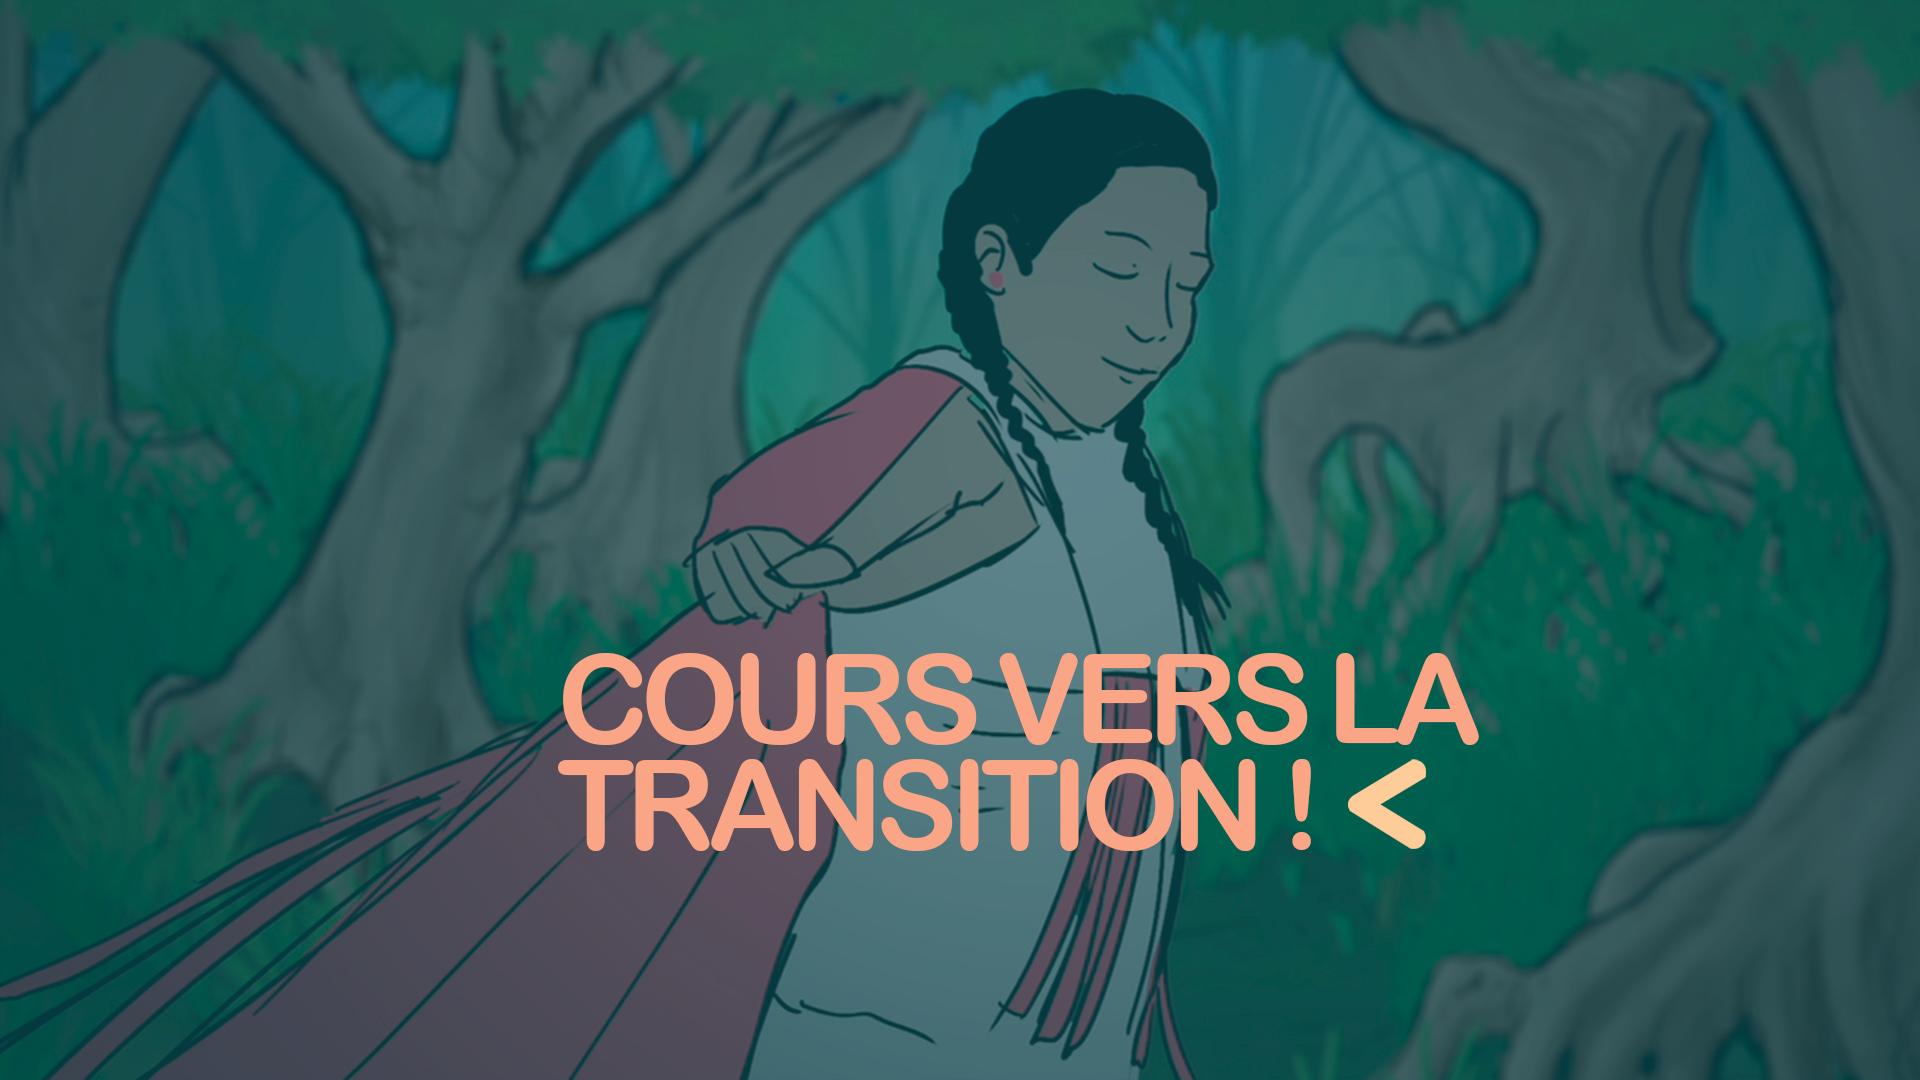 Cours-vers-la-transition.png